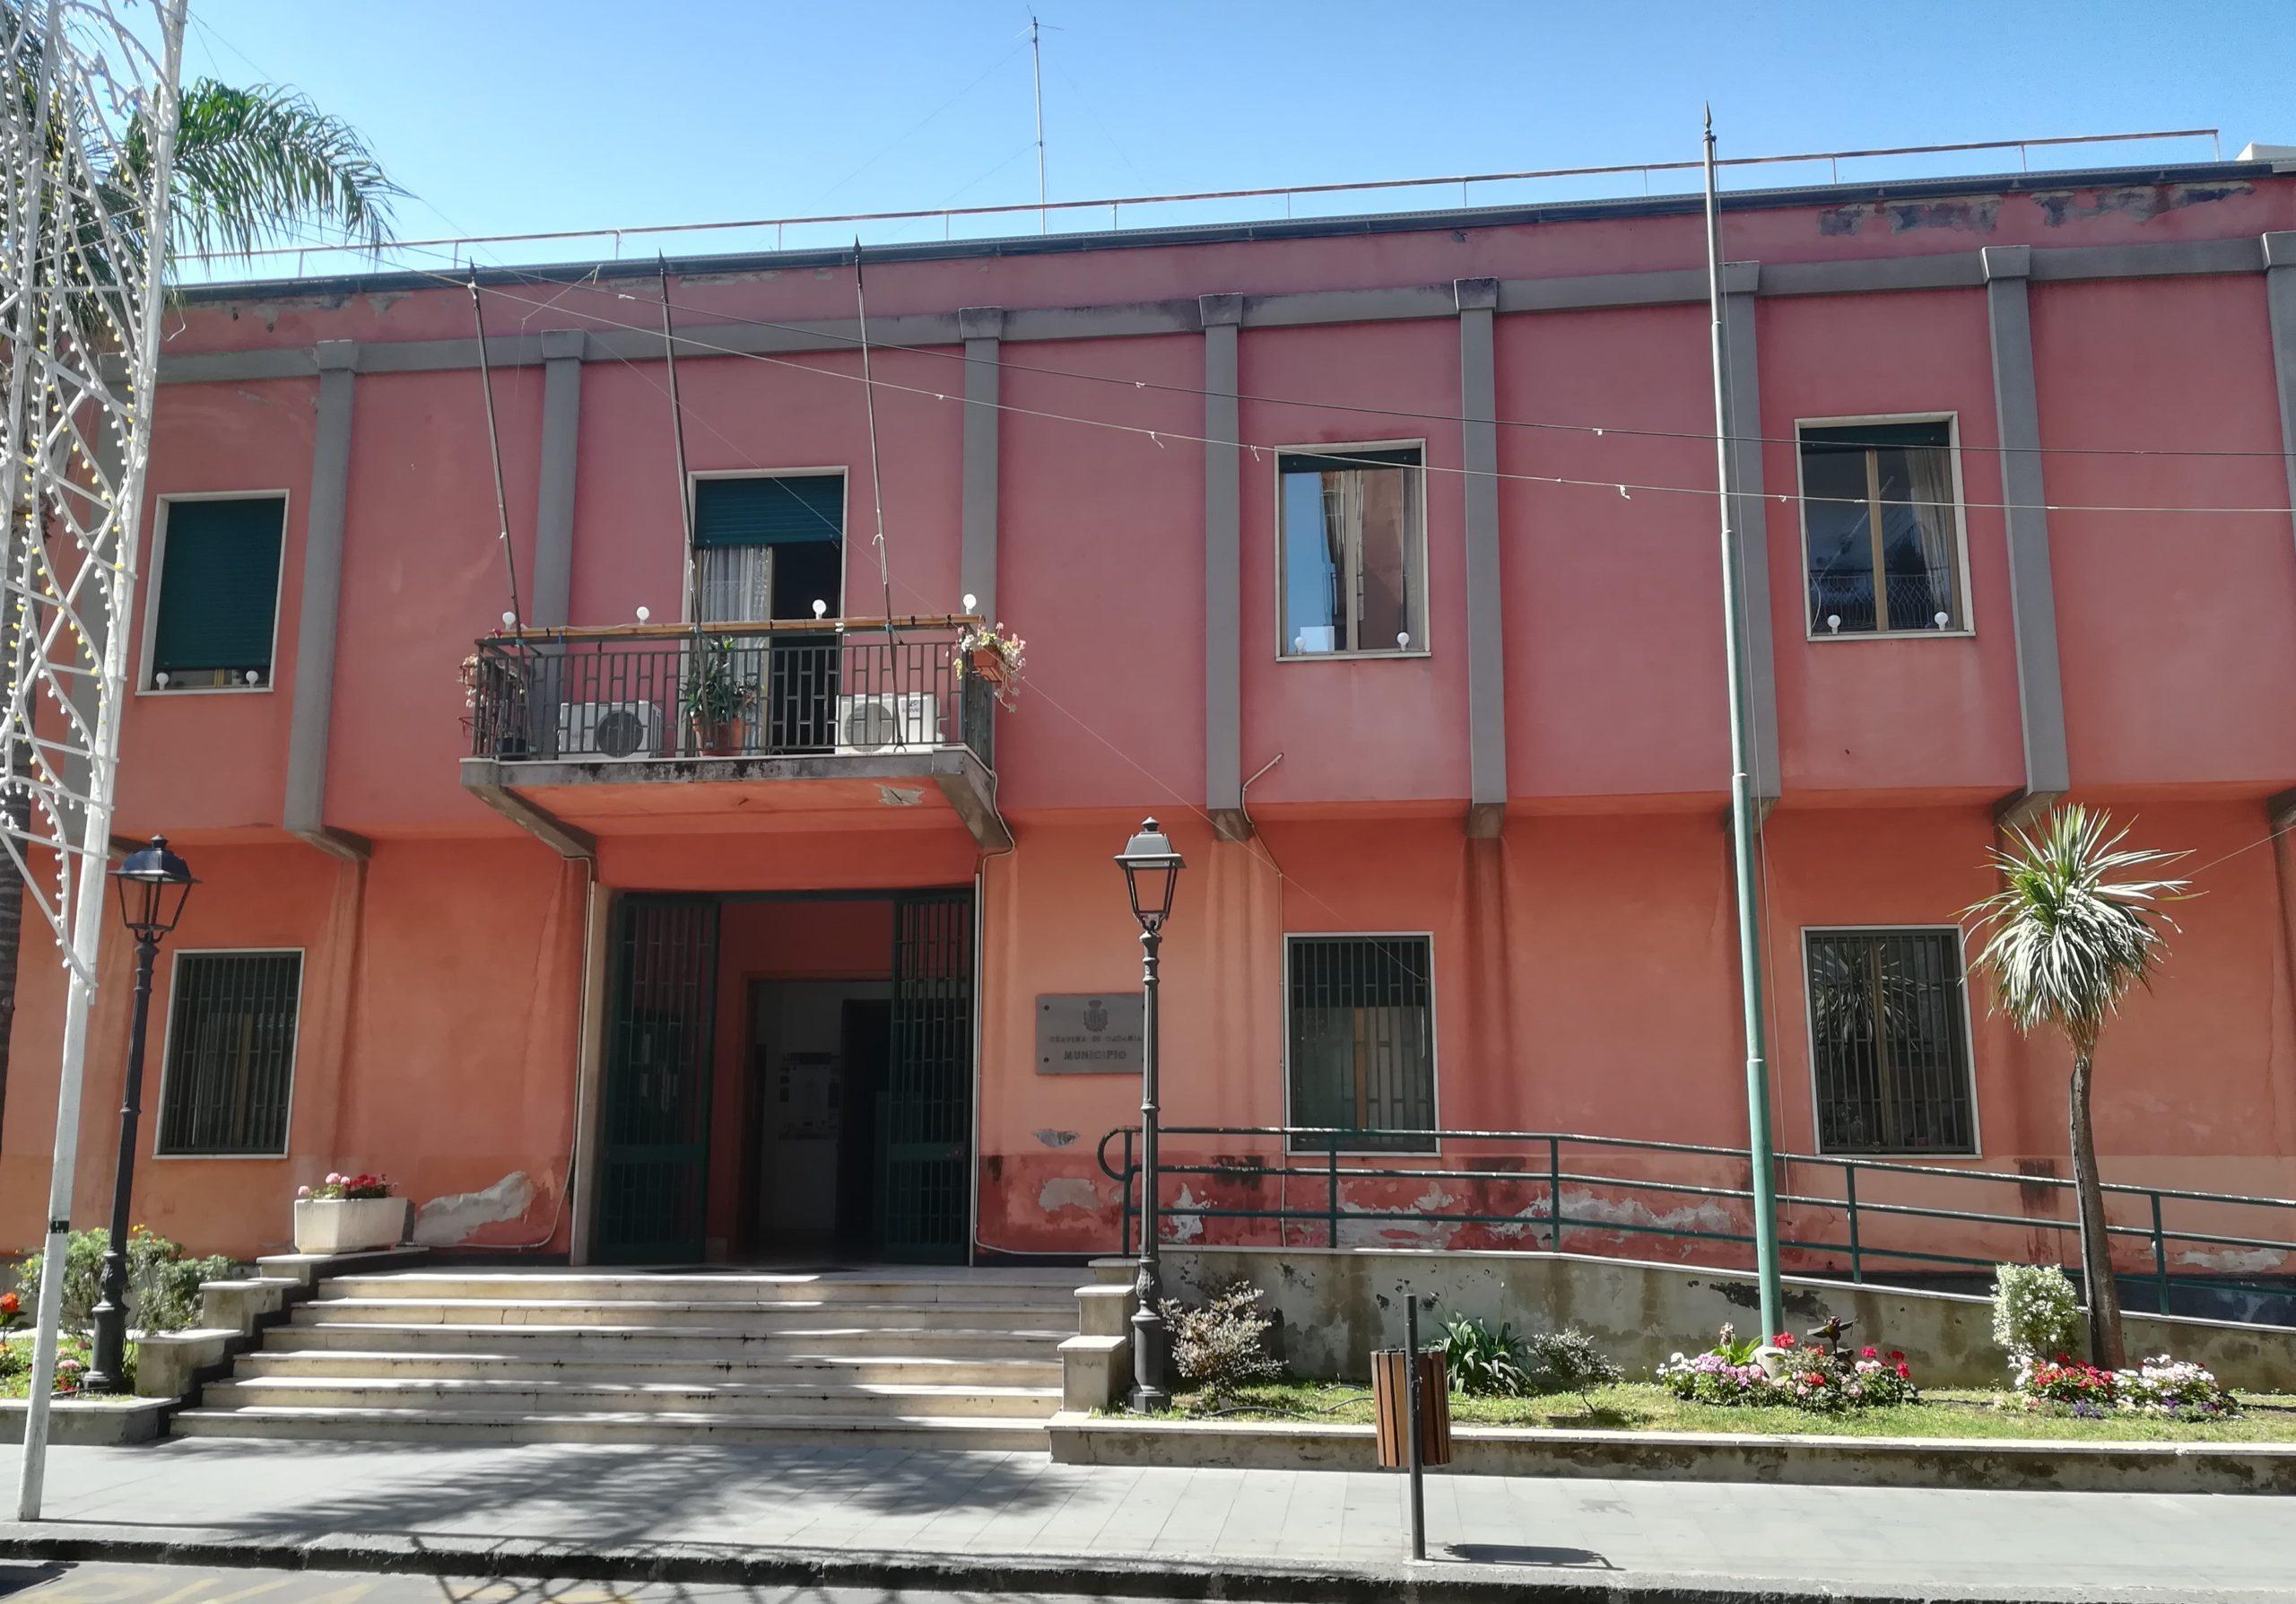 Diritto allo studio, in liquidazione a Gravina di Catania contributi anni scolastici 2014/2015 e 2015/2016